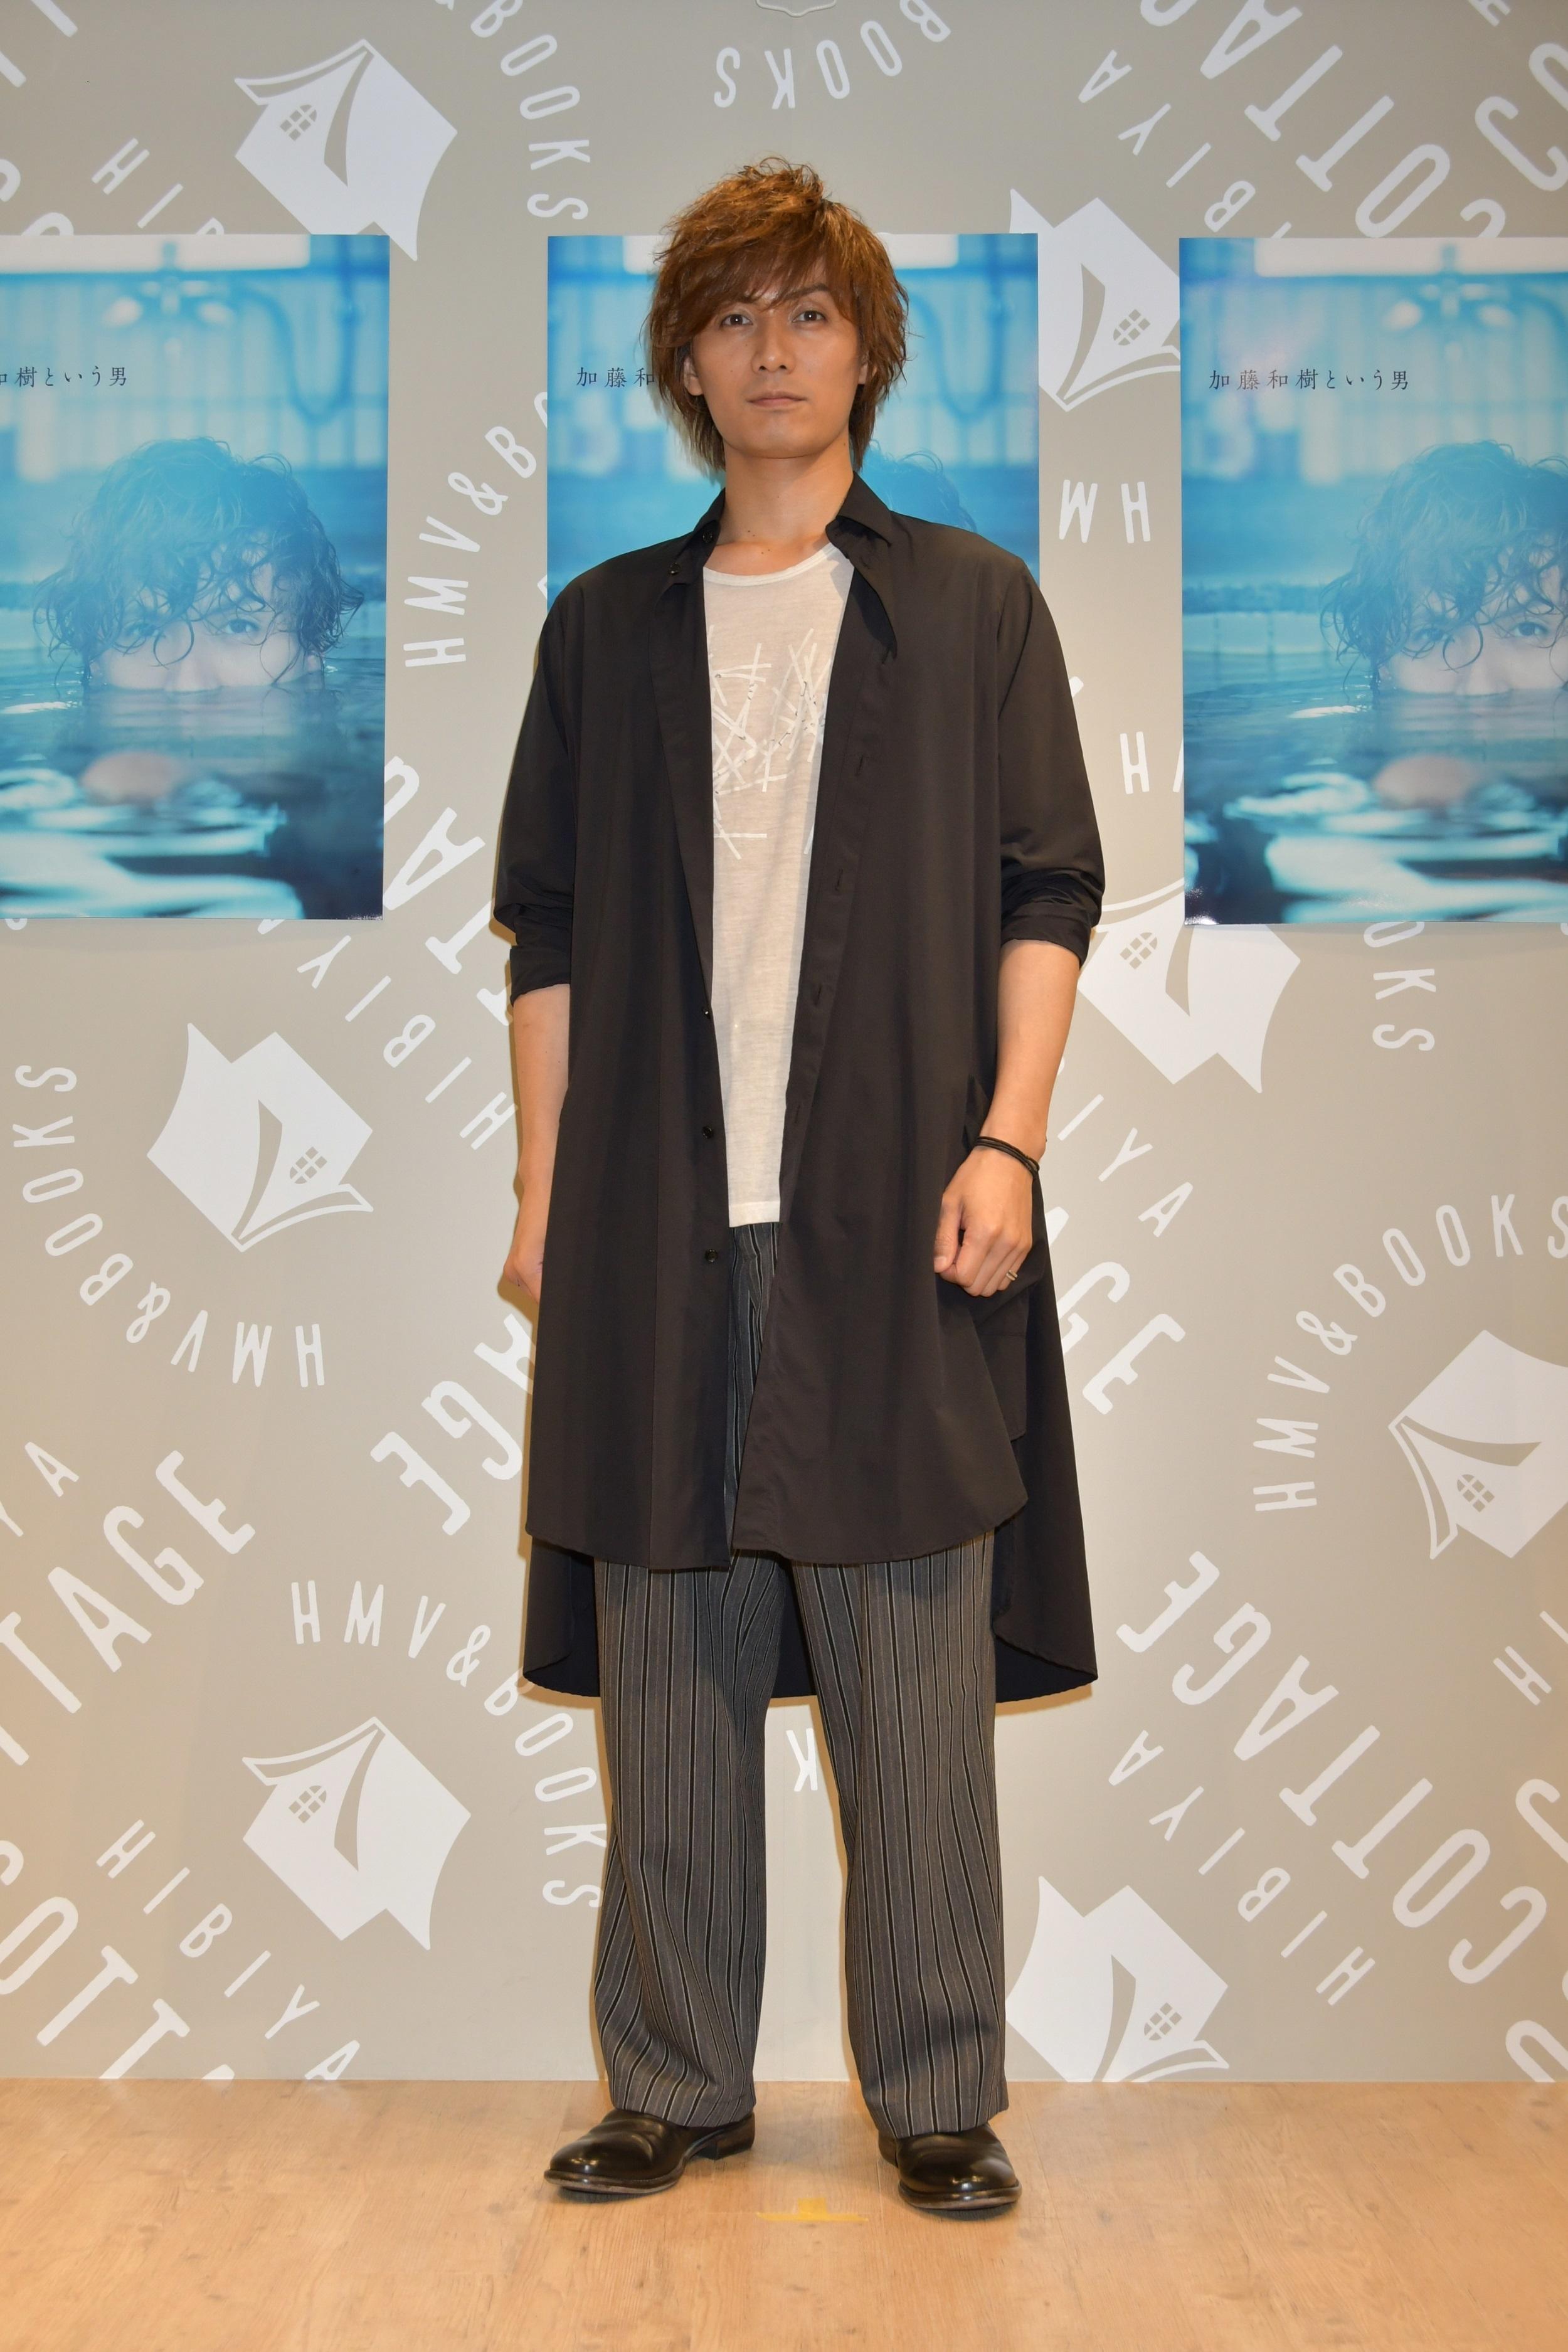 加藤和樹写真集『加藤和樹という男』(東京ニュース通信社刊)